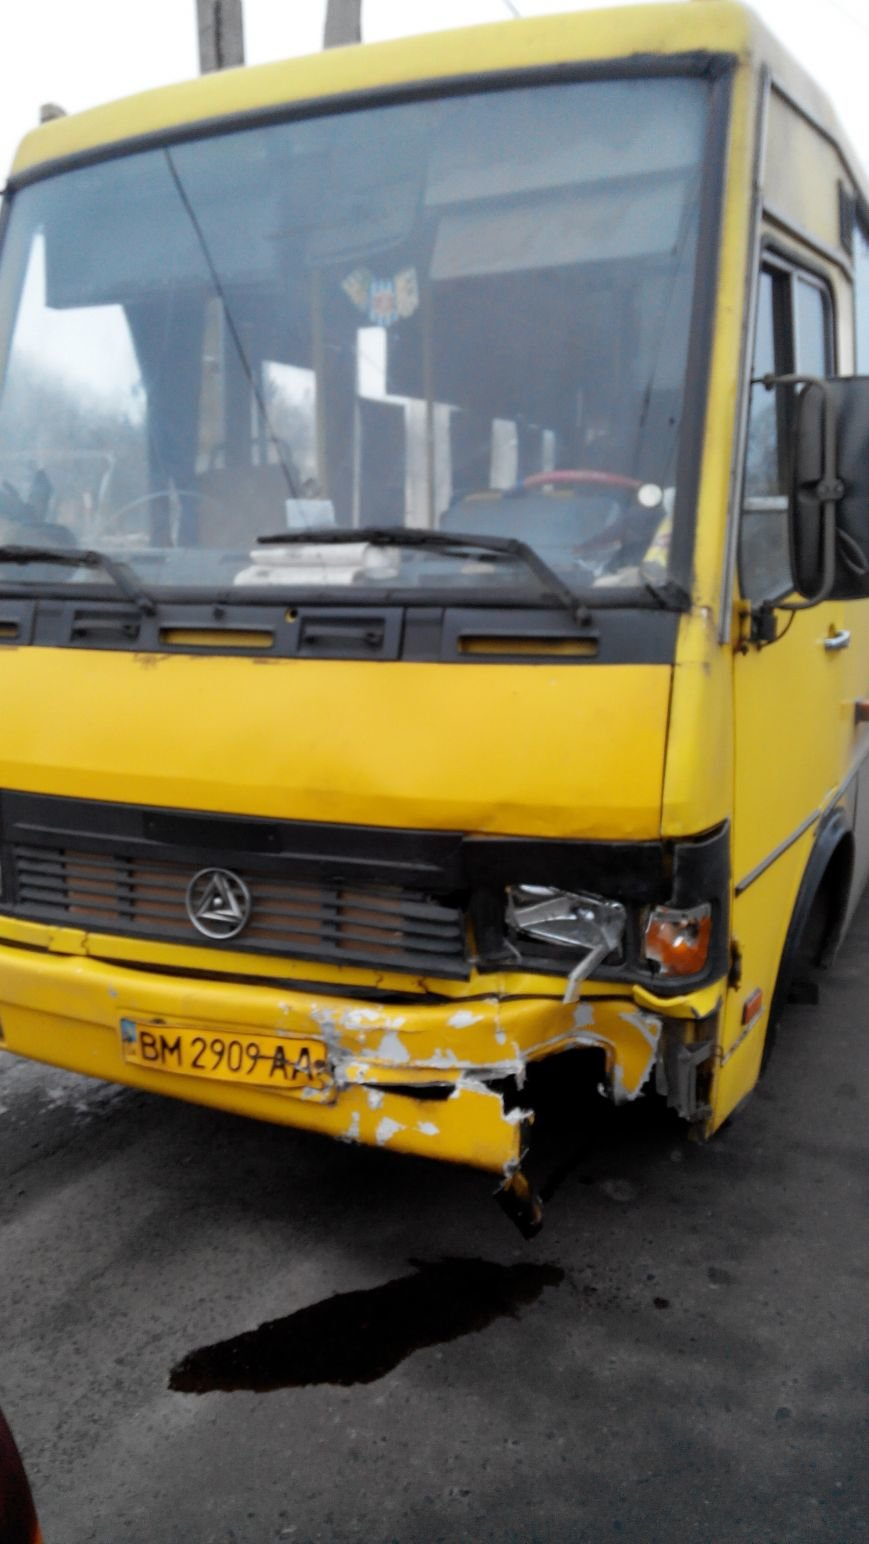 В Сумах тройное ДТП: столкнулись легковушка, троллейбус и маршрутка (ФОТО) (фото) - фото 1